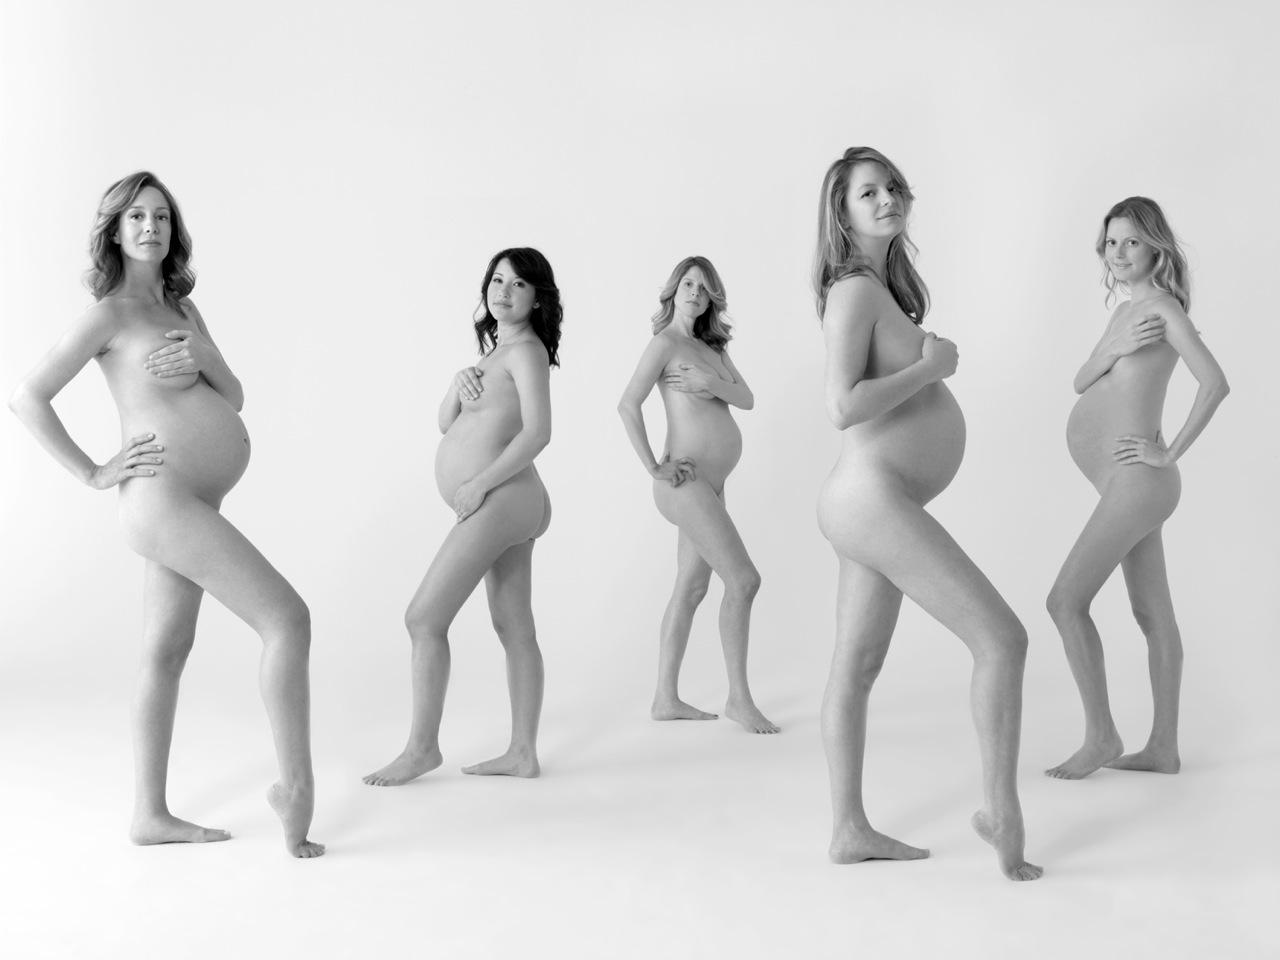 Фото беременных телочек, Порно фото беременных 24 фотография